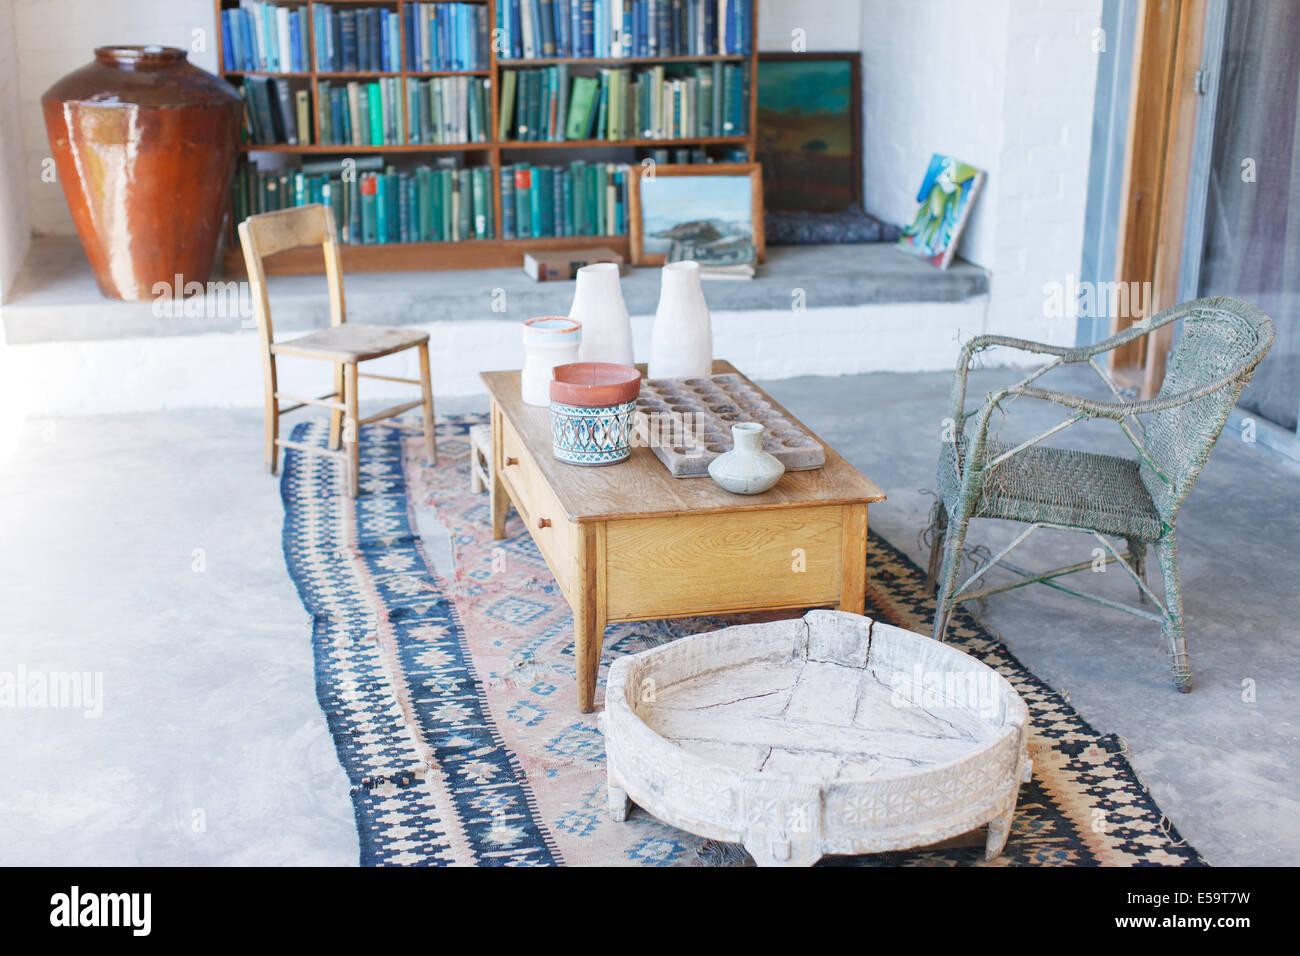 Mesa de café y sillas de estudio rústico Imagen De Stock